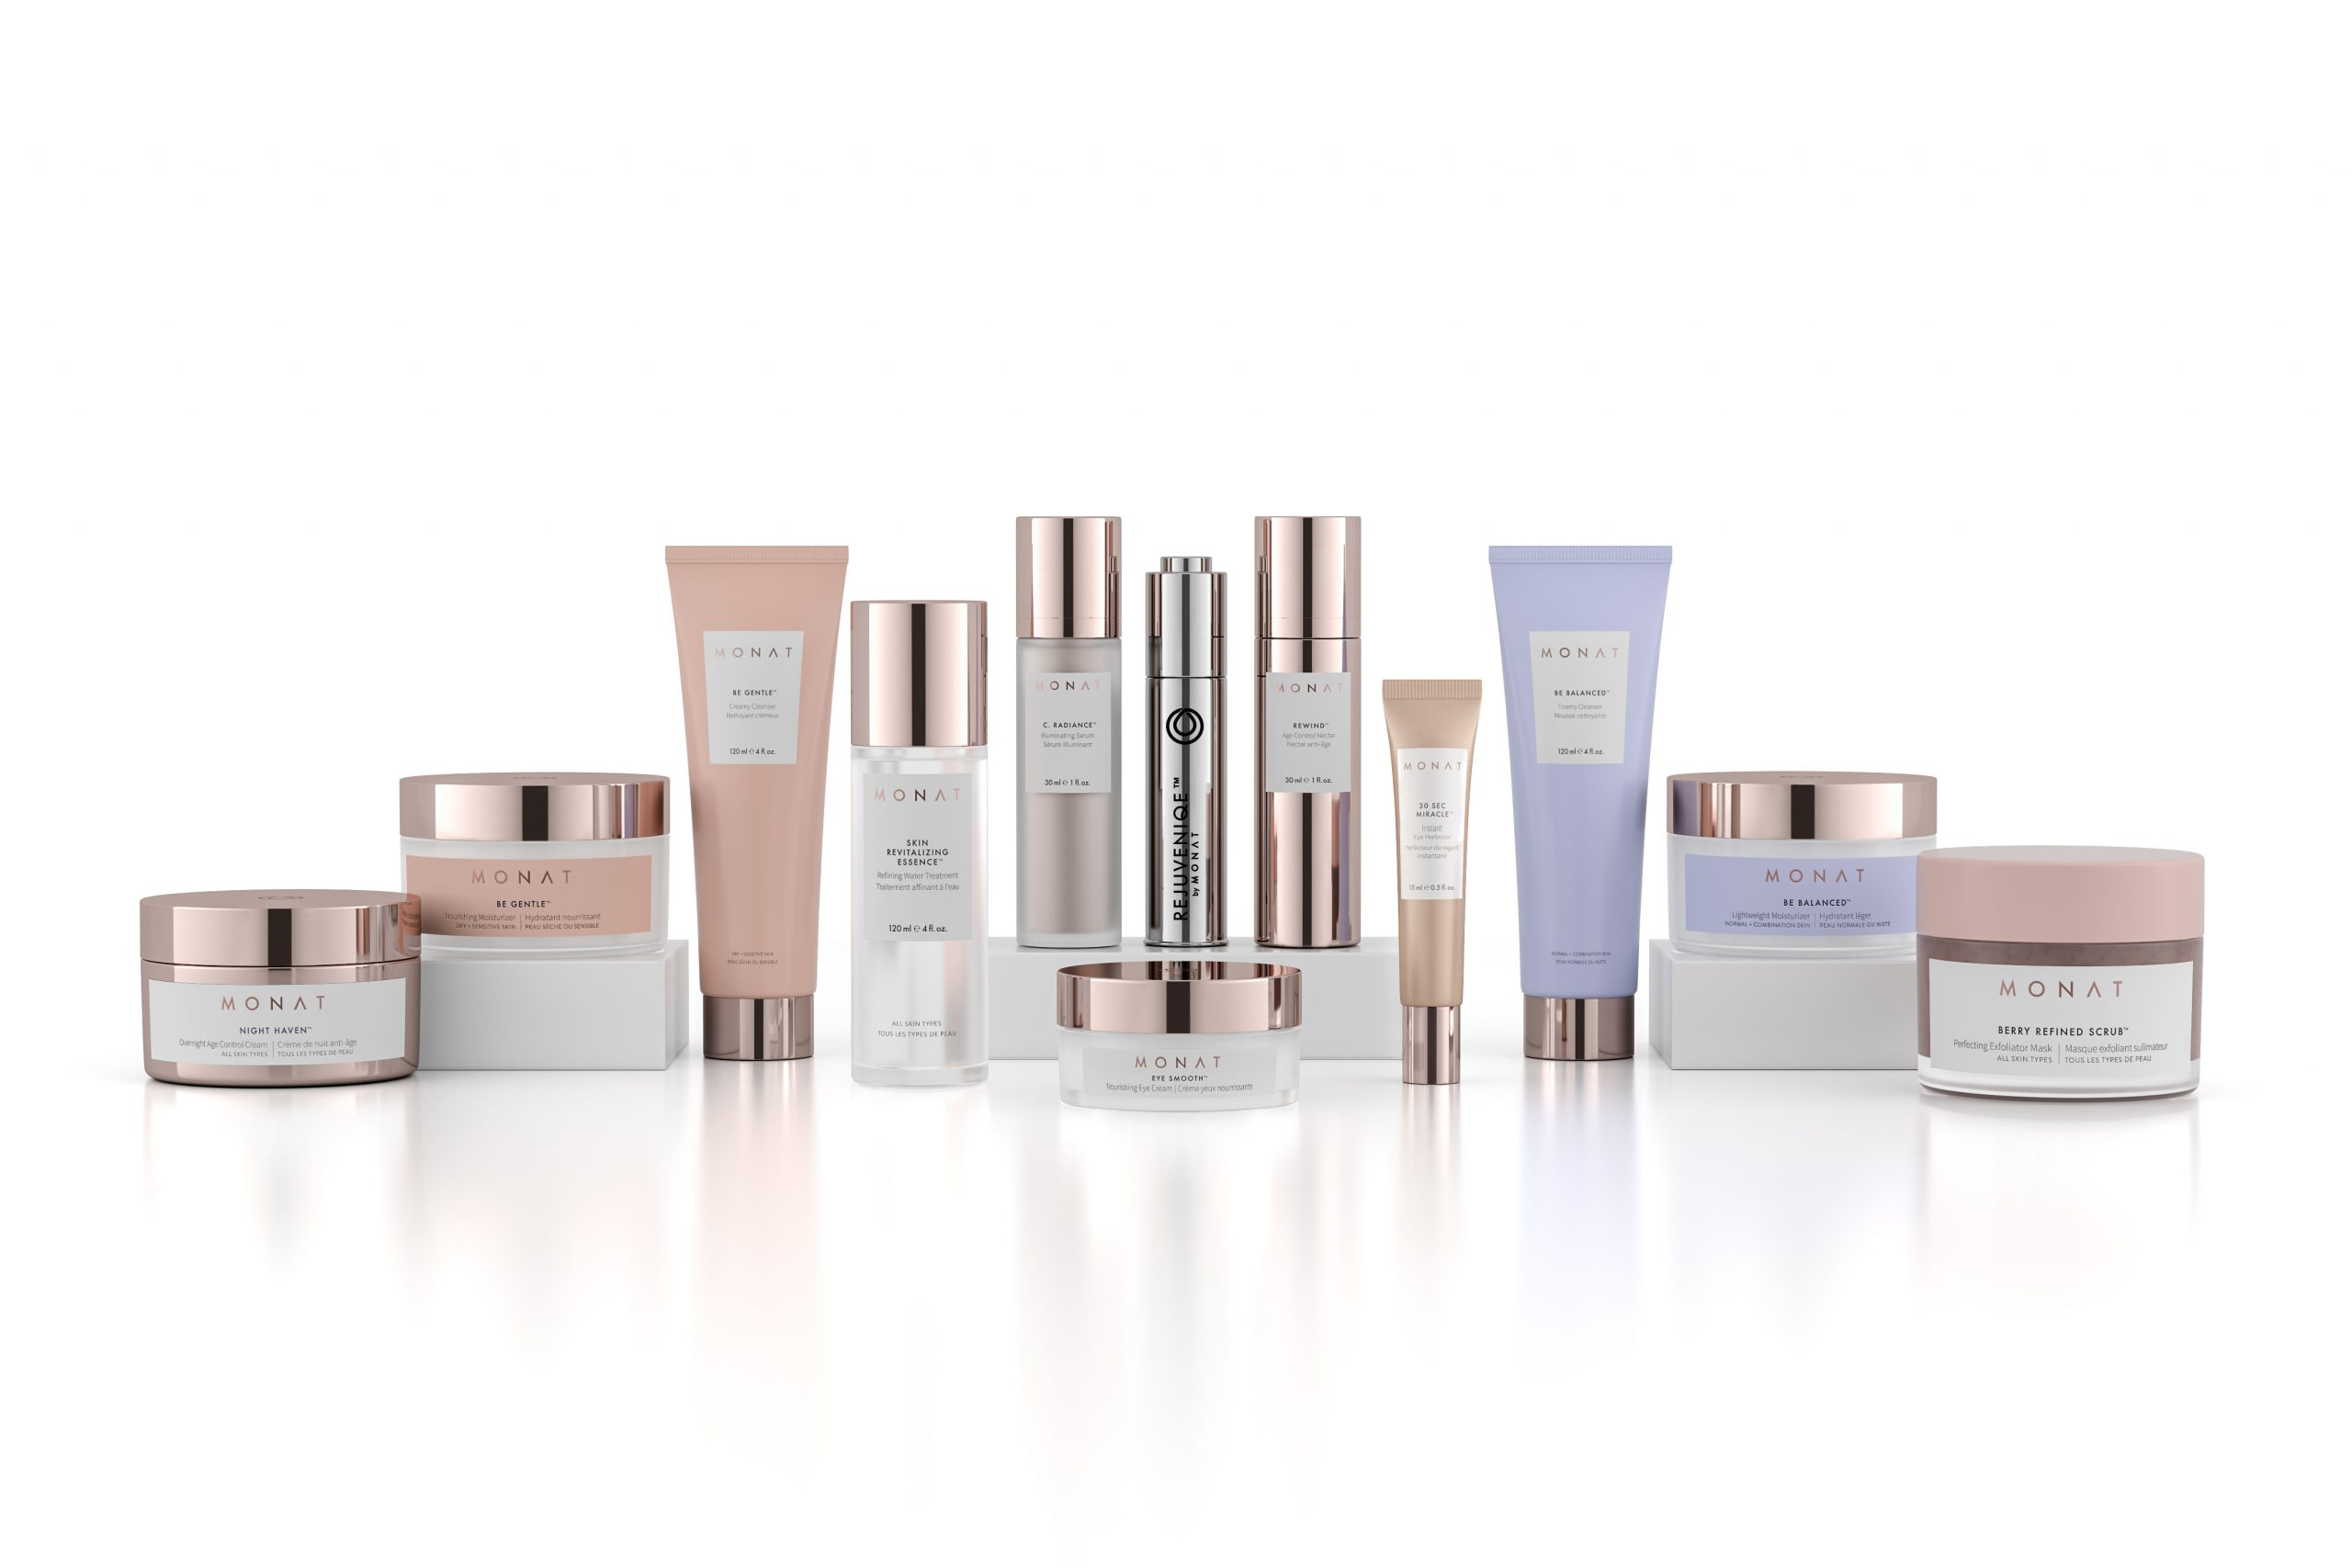 Meet Monat: Productos naturales para el cuidado del cabello y la piel